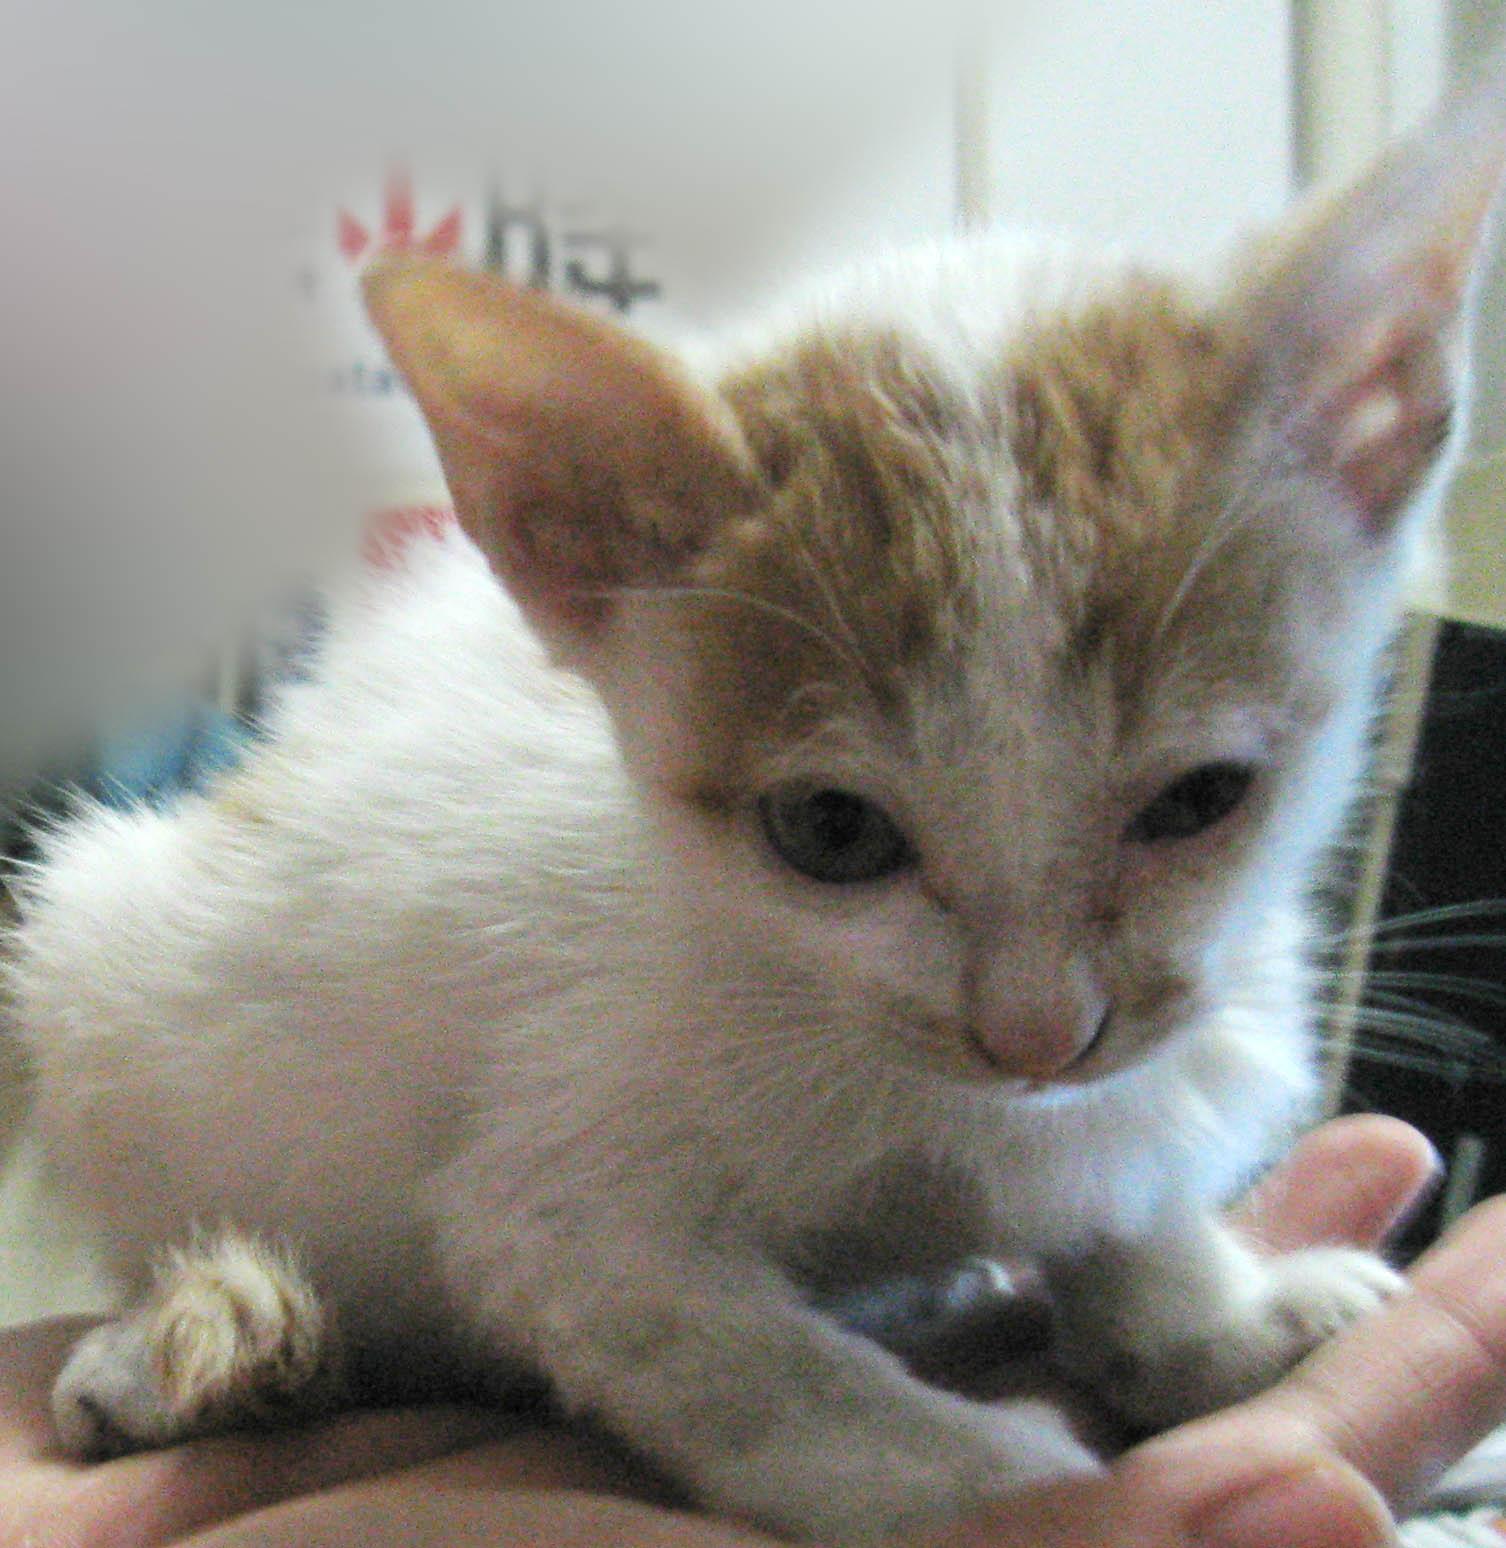 壁纸 动物 猫 猫咪 小猫 桌面 1506_1548